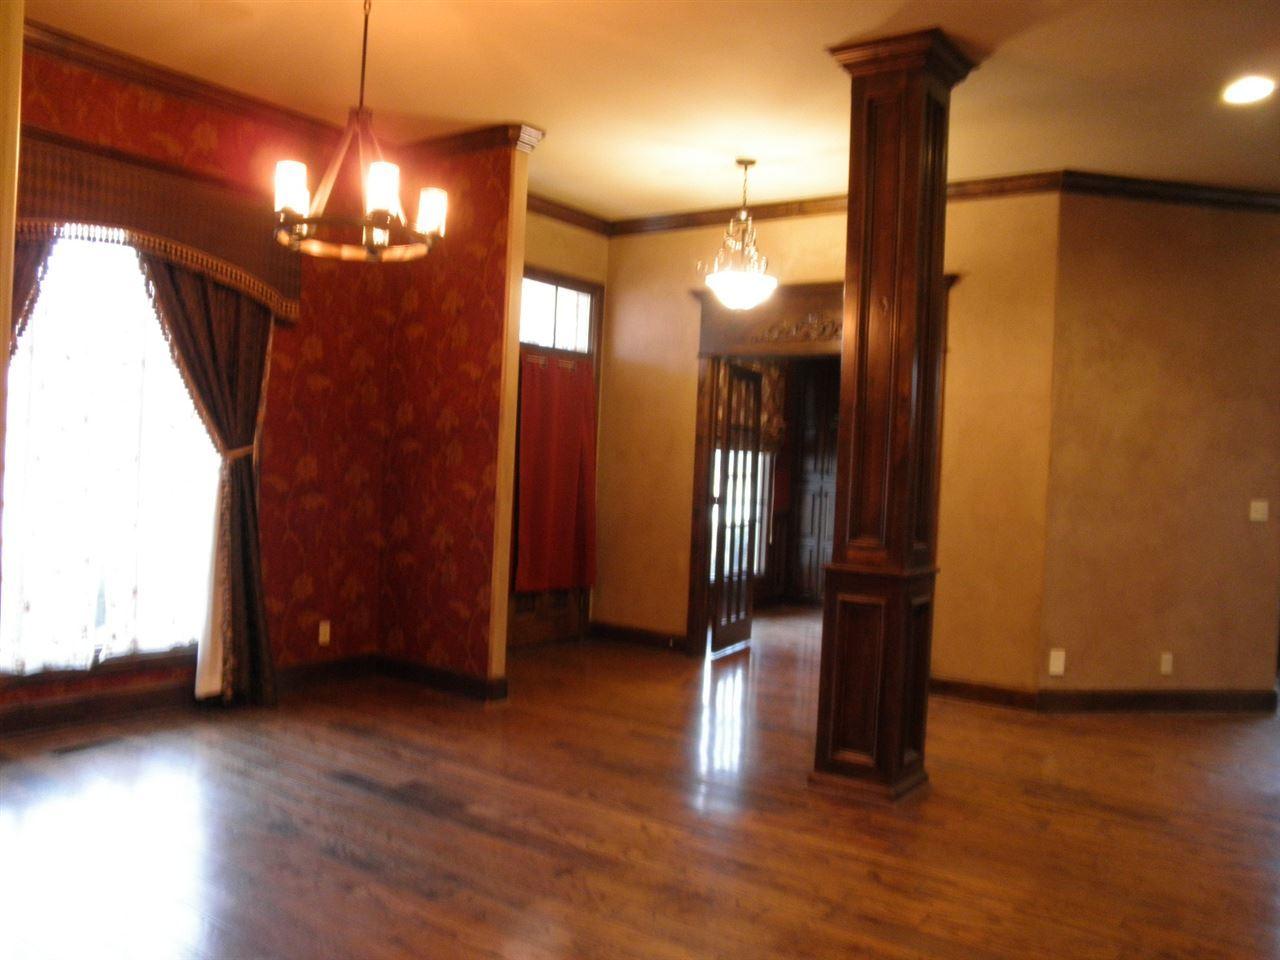 Sold Cross Sale W/ MLS | 2705 Mockingbird  Ponca City, OK 74604 5